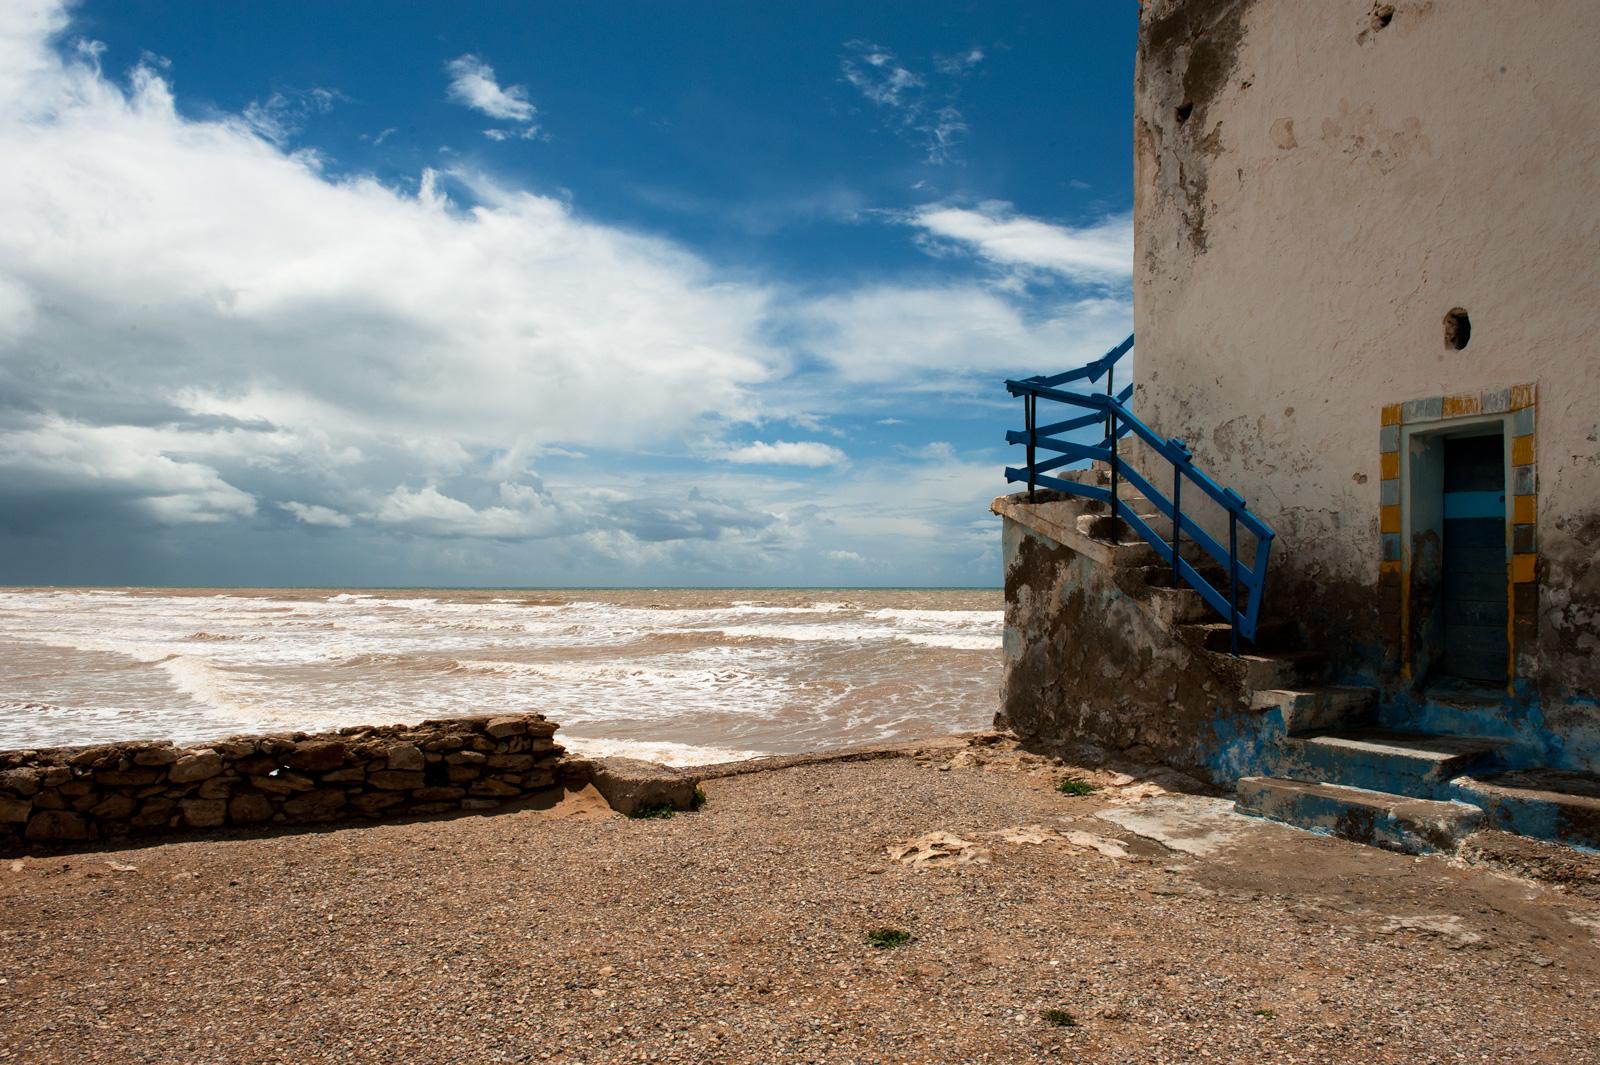 Haus am Meer Foto & Bild